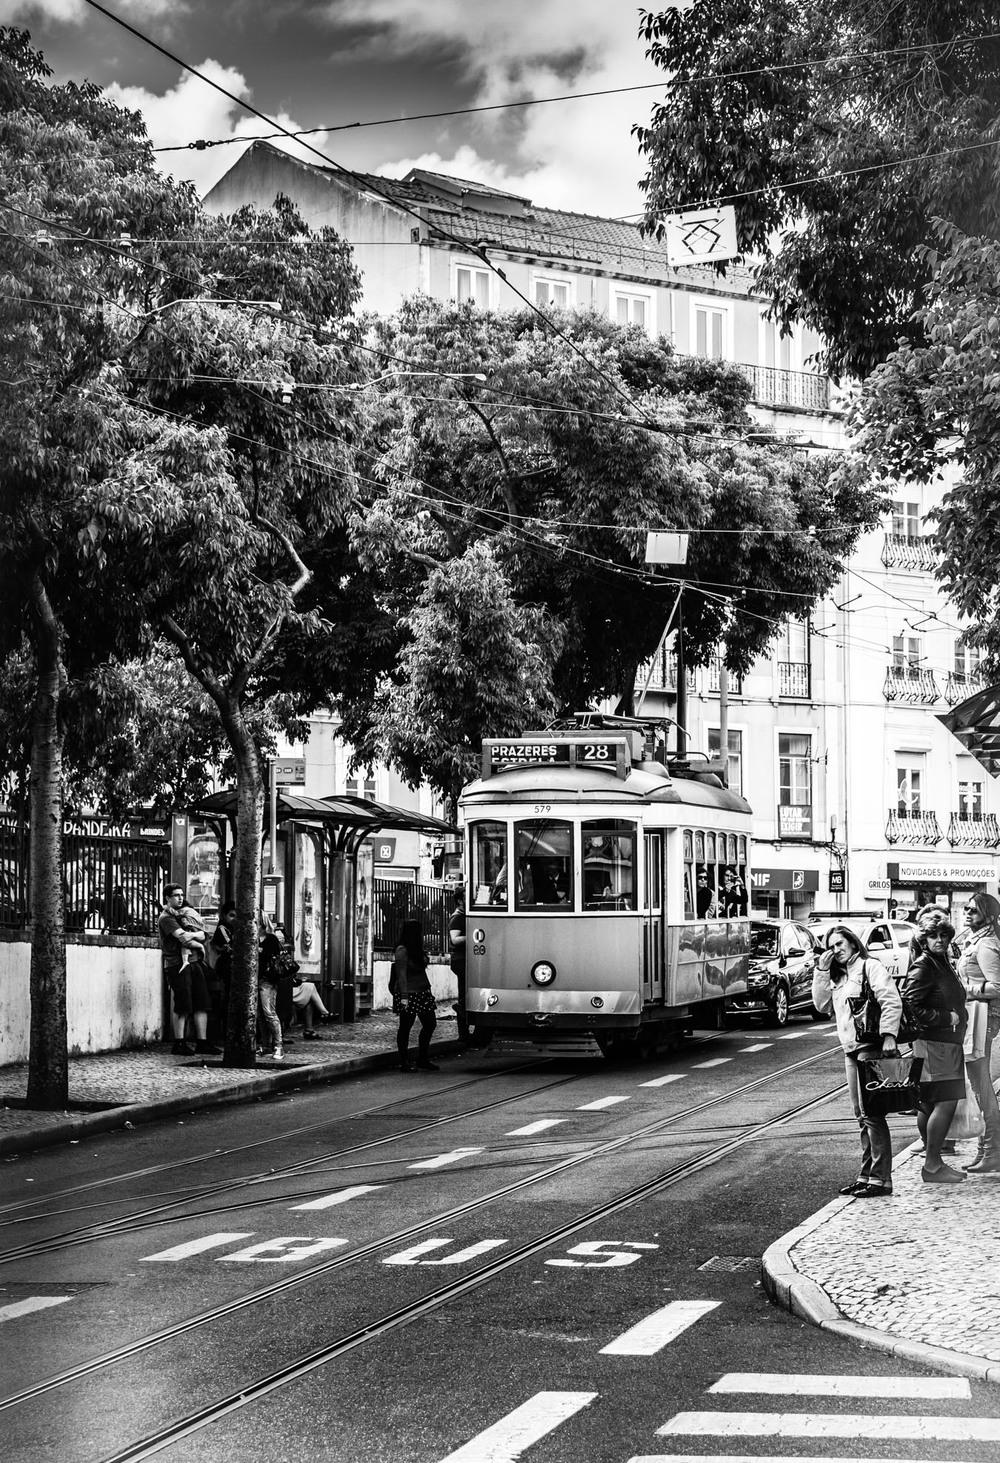 Portuguese Rail Car #2